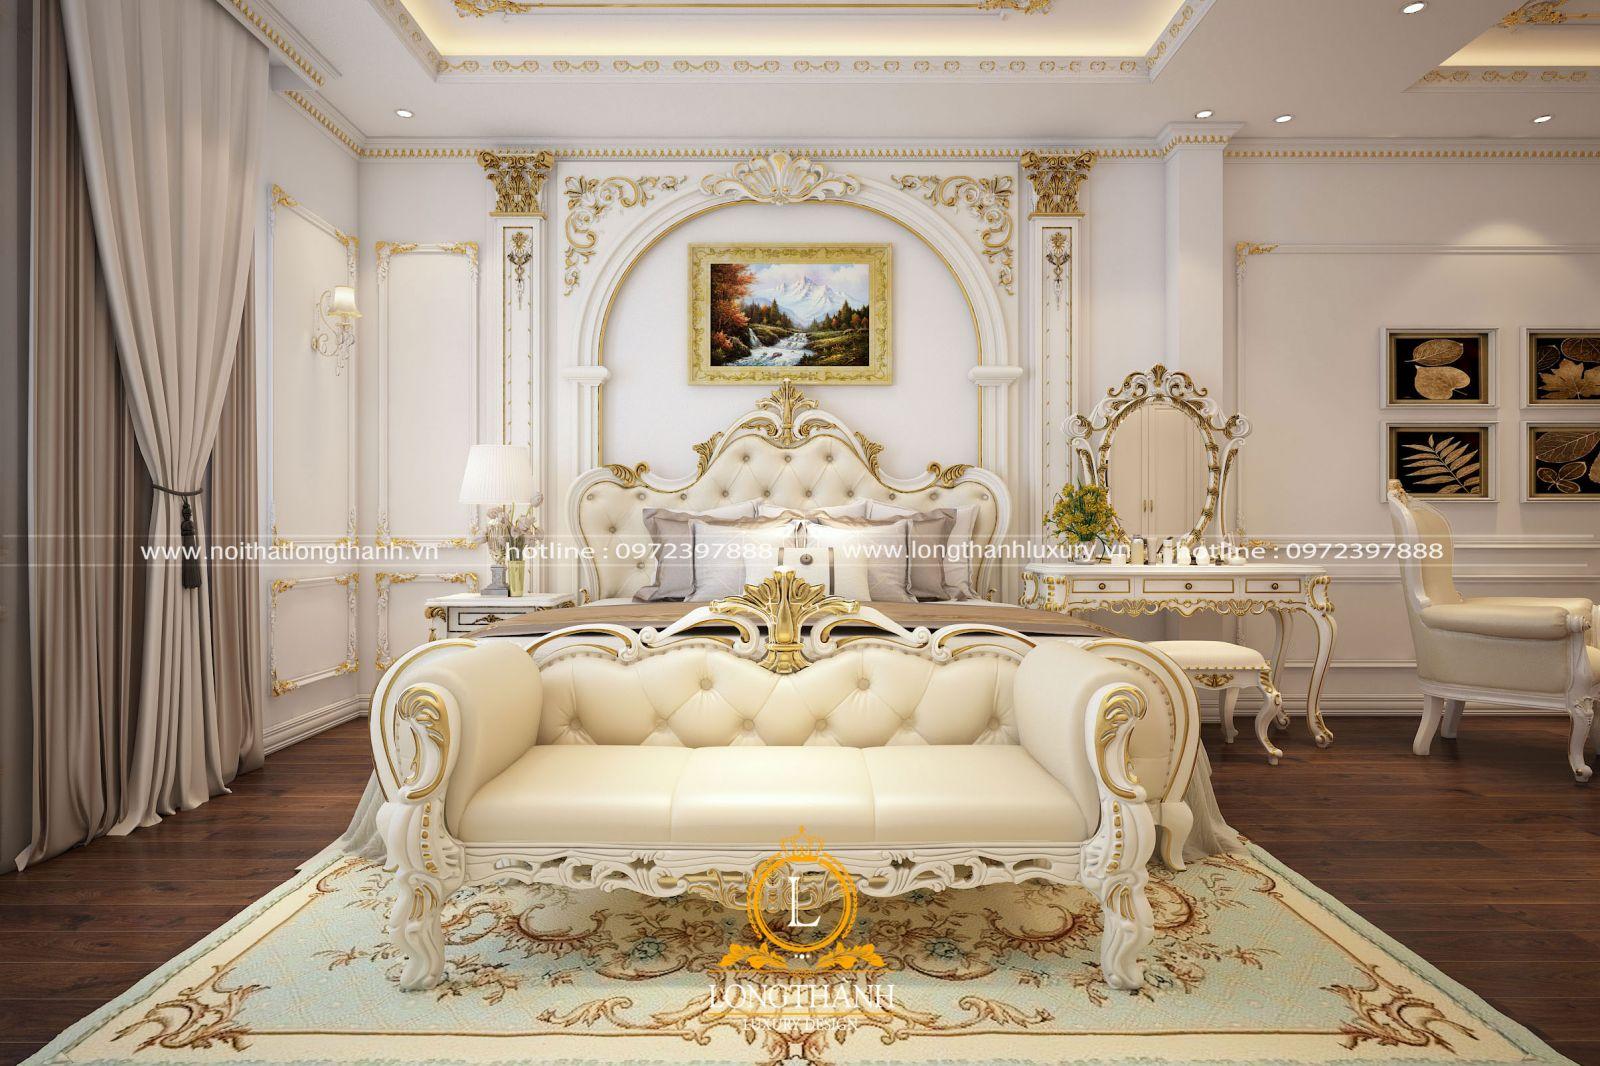 15+ Mẫu nội thất phòng ngủ cao cấp phong cách tân cổ điển